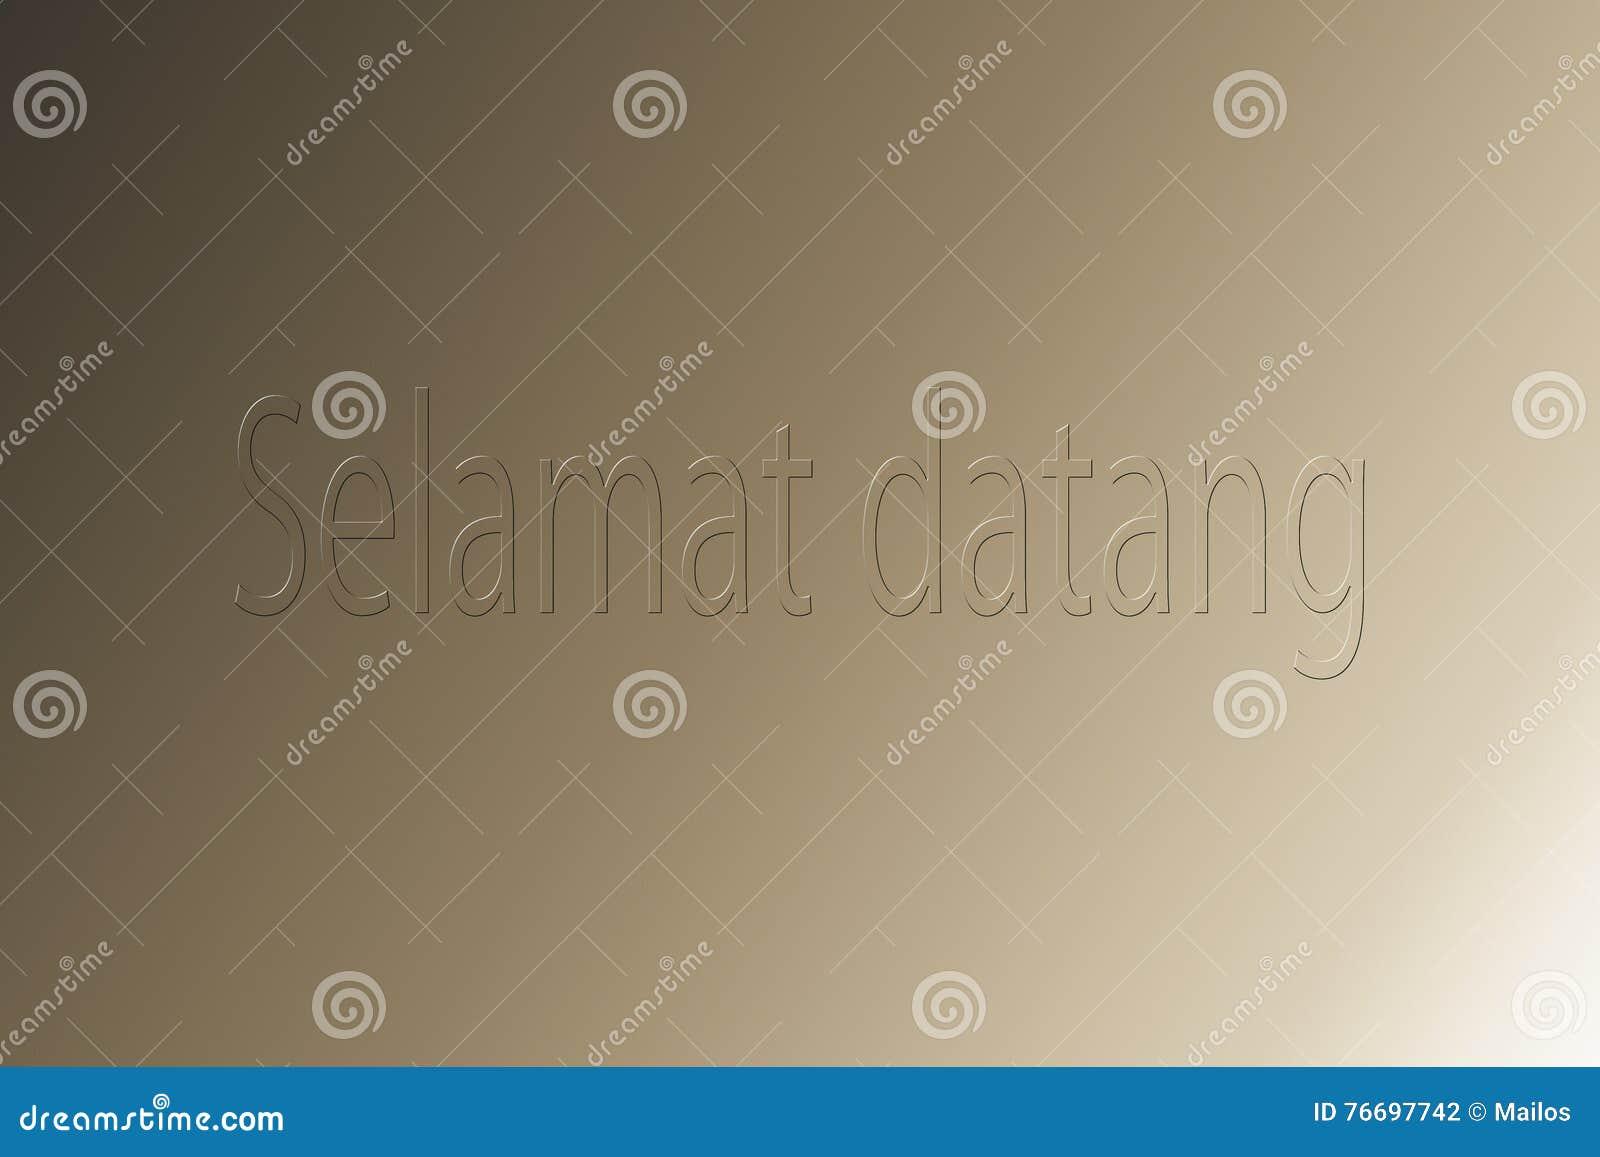 Välkommen text i det indonesiska språket som förstår ett begrepp av t